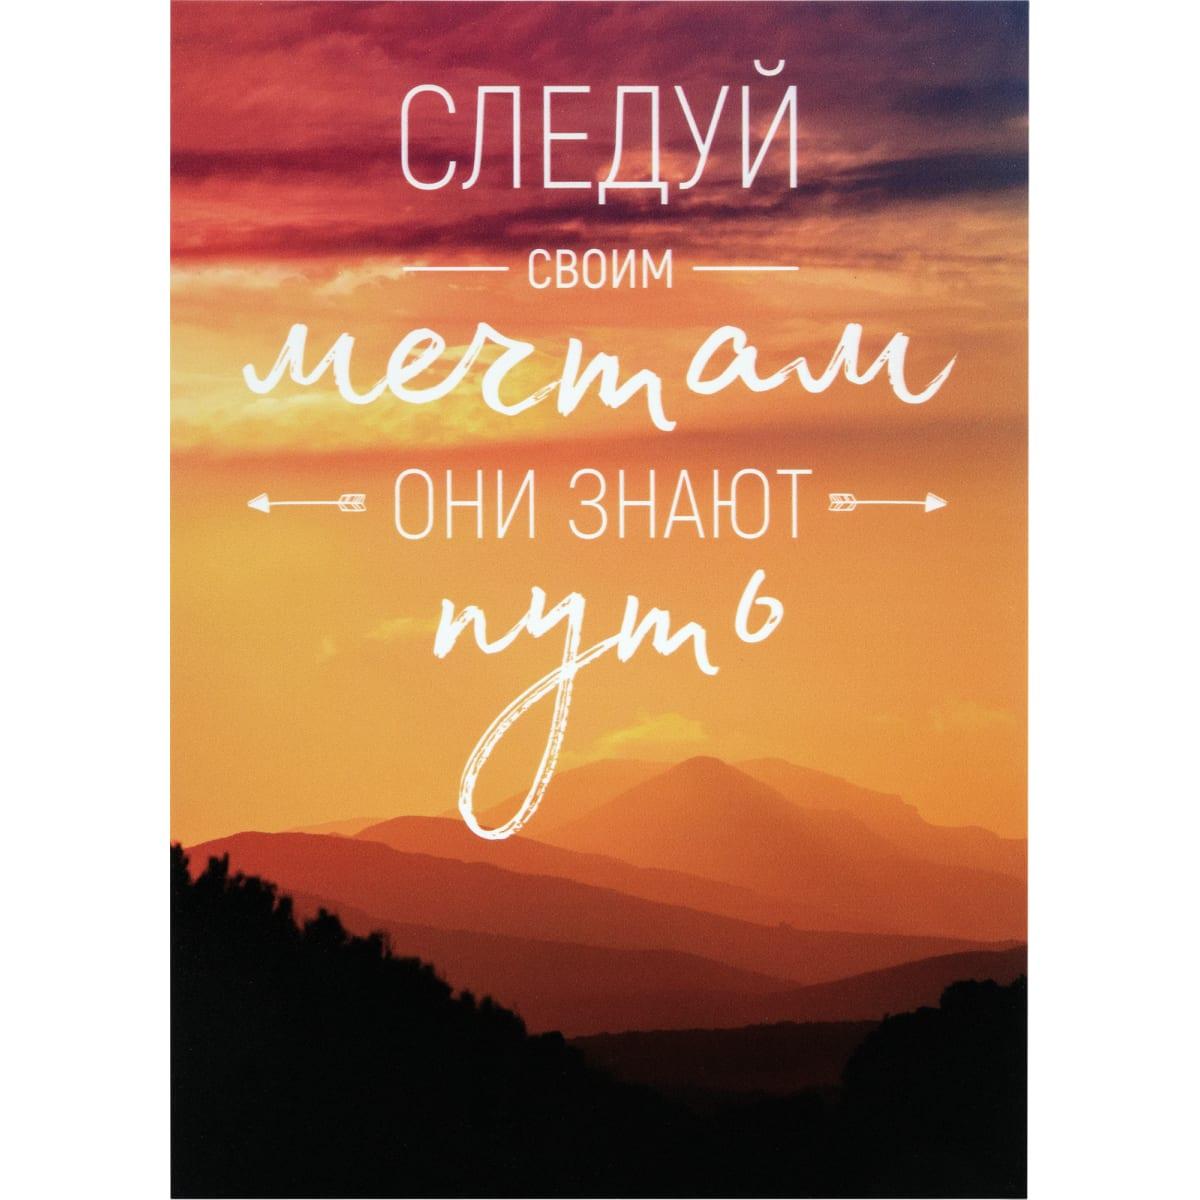 Постер на ПВХ «За мечтой» 25x35 см